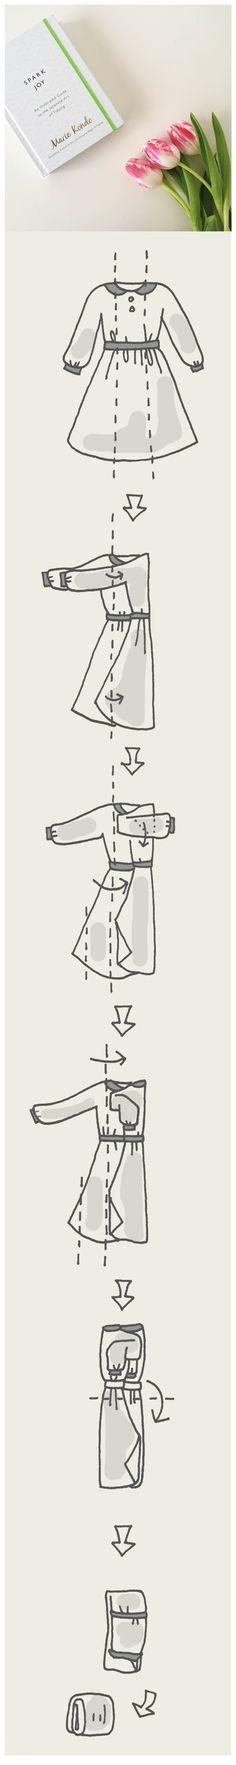 Uma ajuda visual para dobrar vestidos que ficam melhores dobrados :)